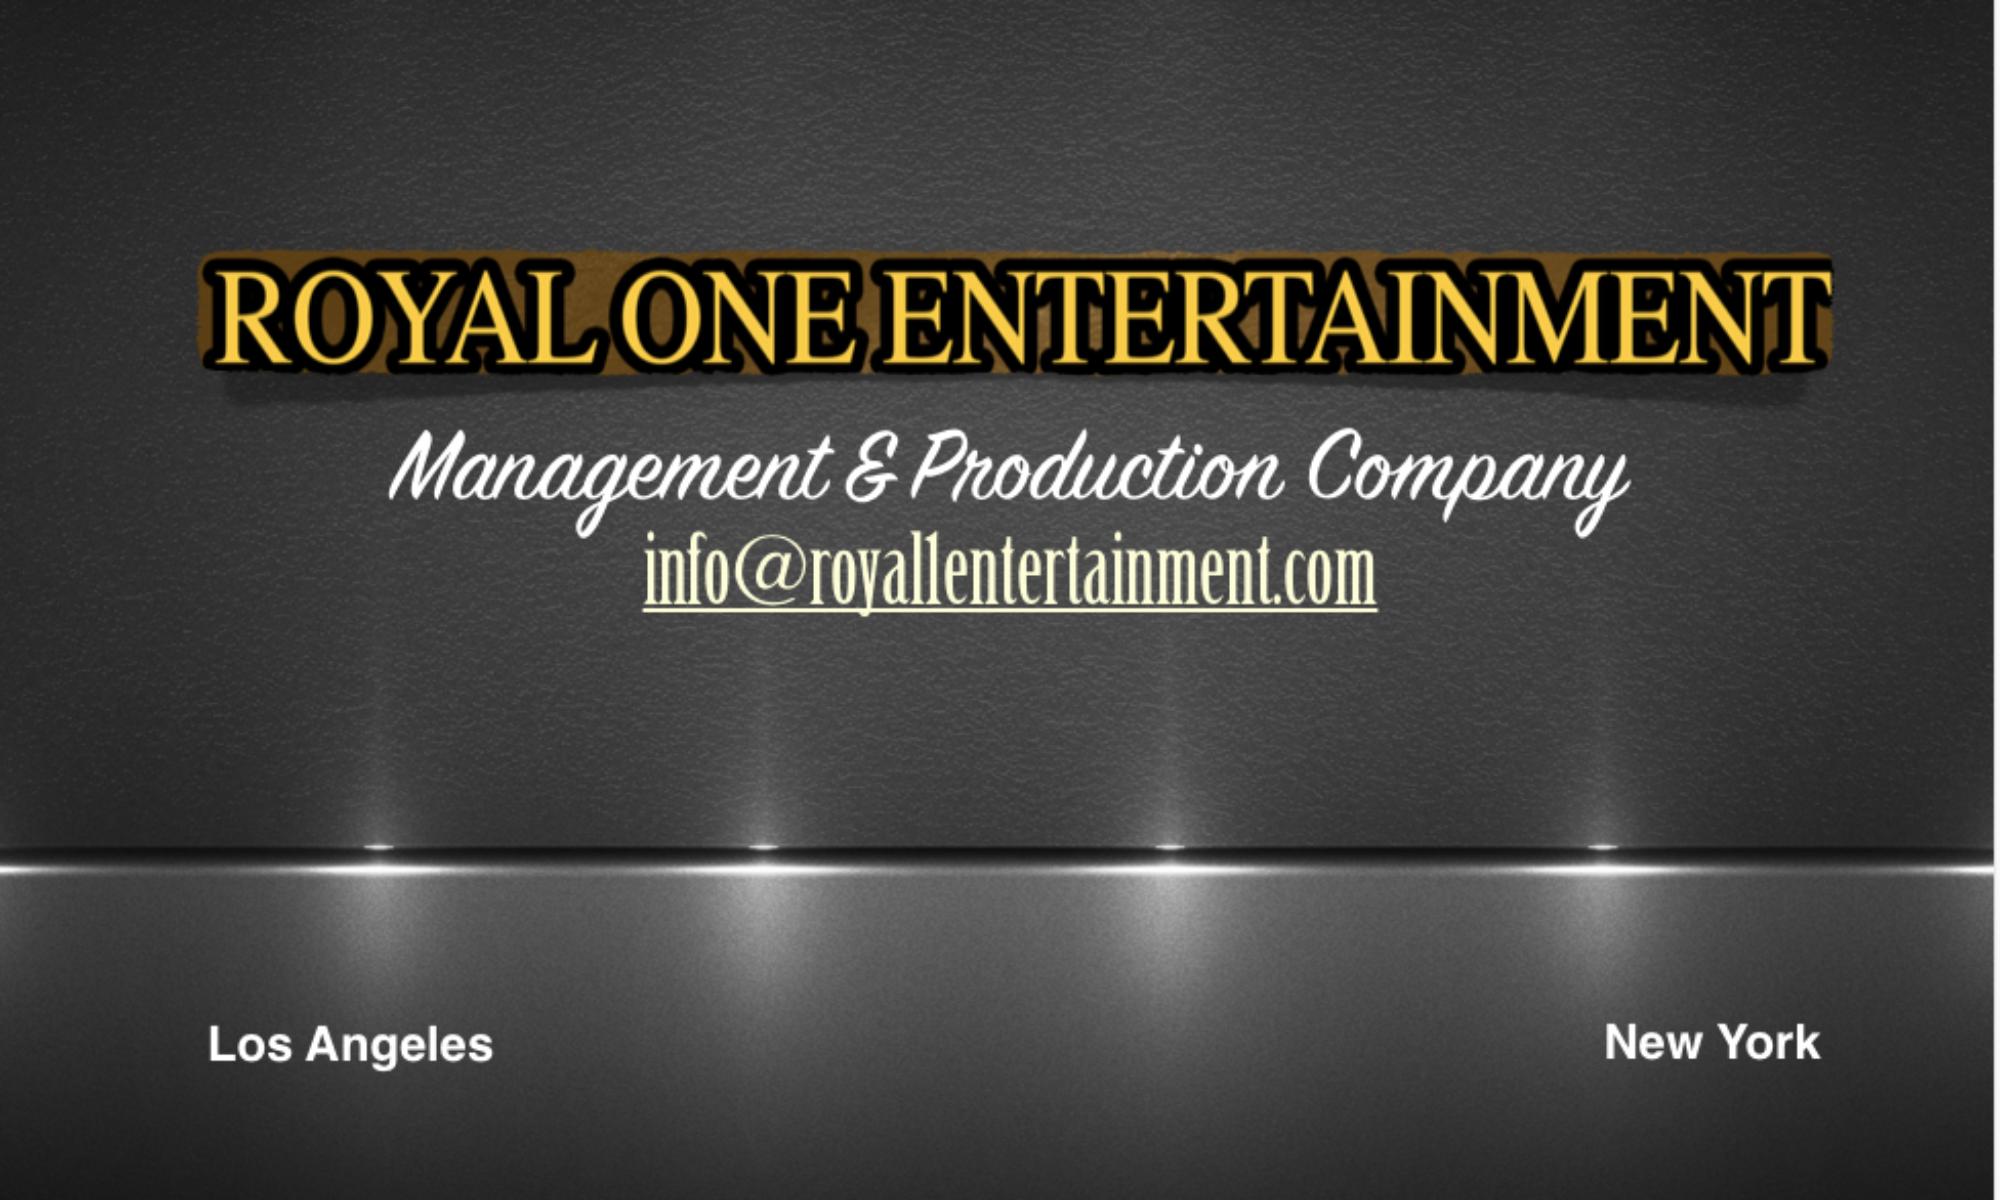 MANAGEMENT & PRODUCTION